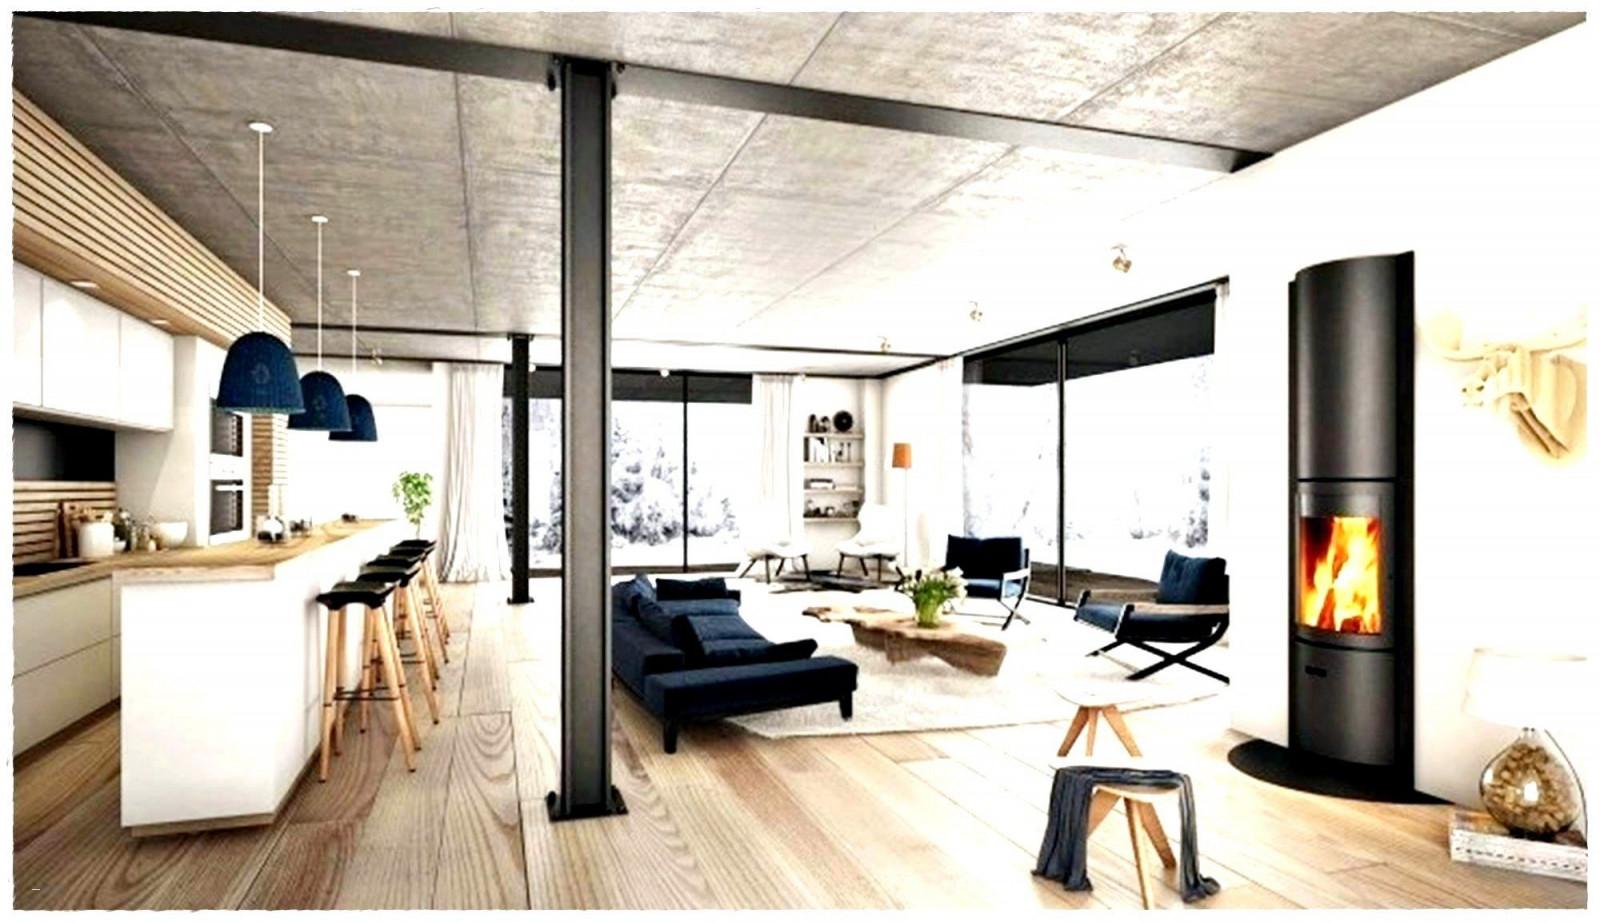 Großes Wohnzimmer Bild  Wohnzimmer Design Wohnzimmer von Großes Wohnzimmer Gestalten Bild